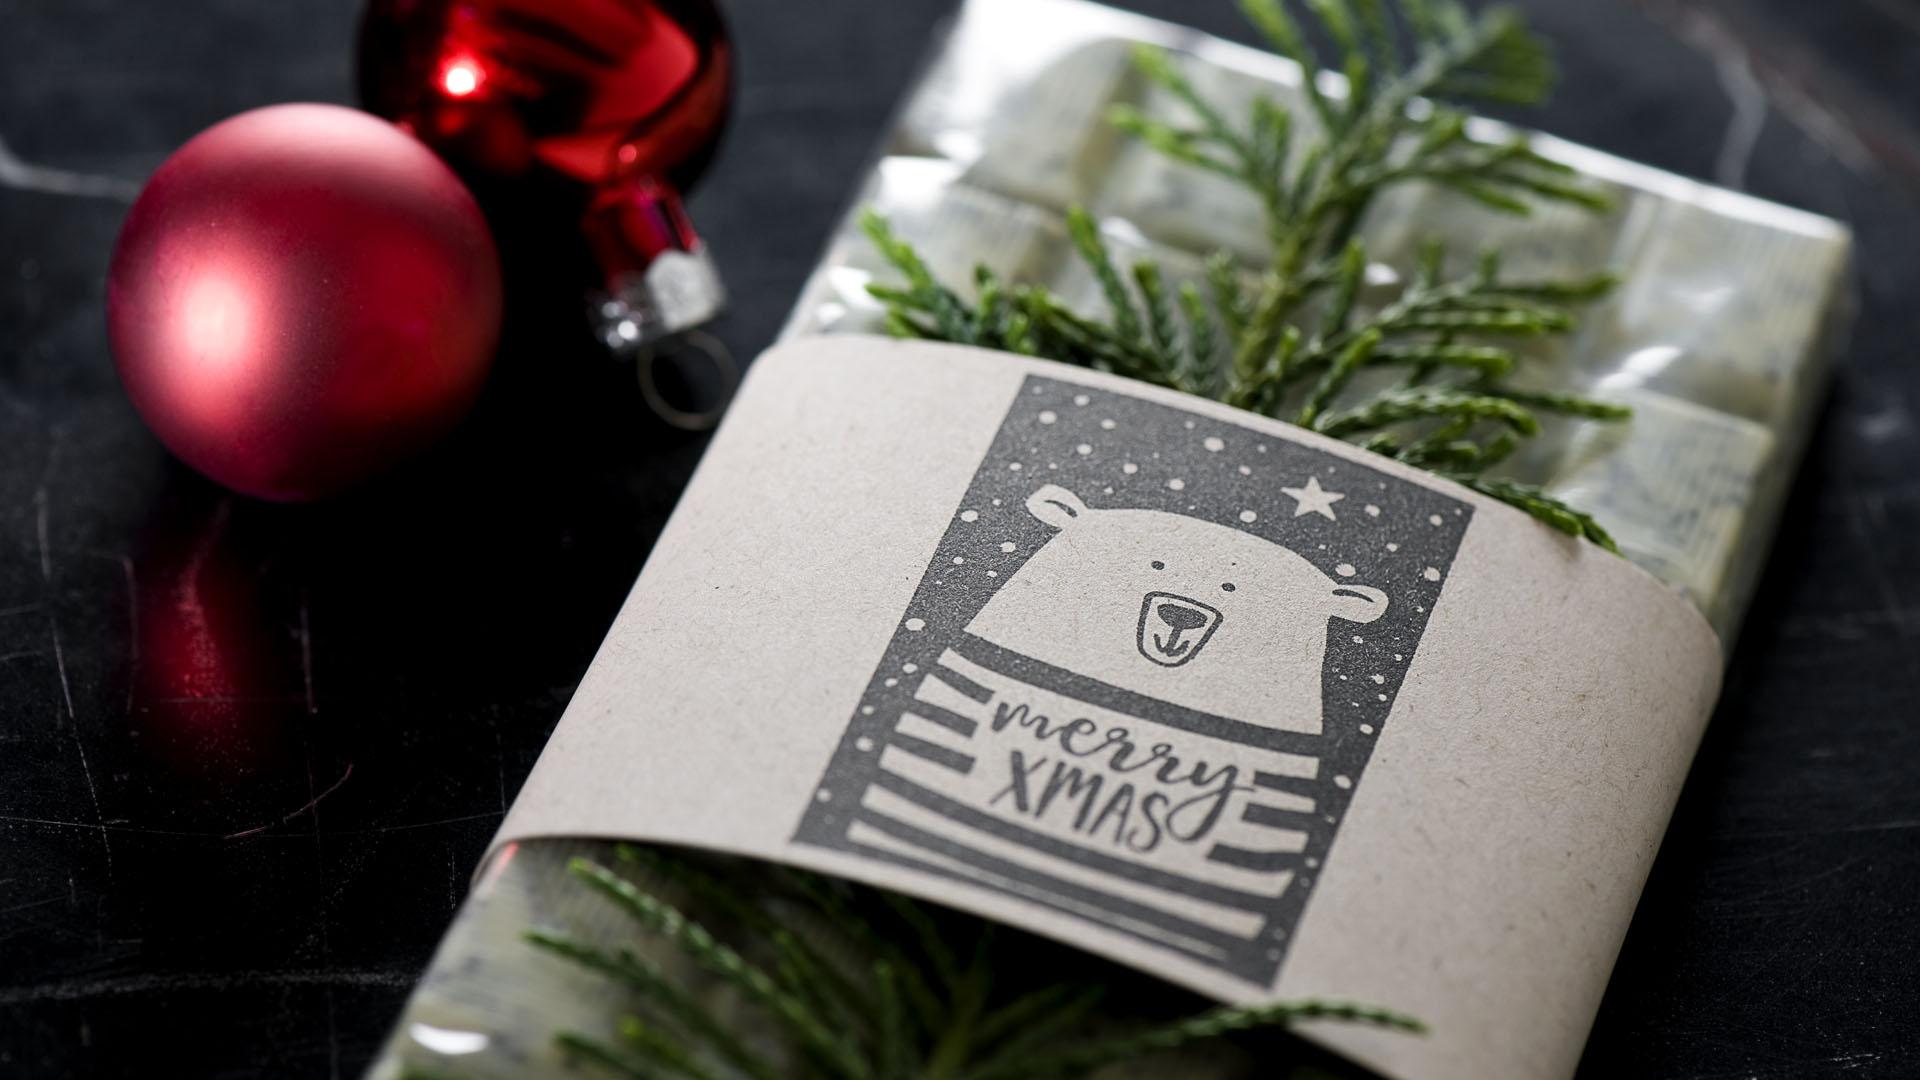 Ideen für Weihnachten: Weihnachtsschokolade mit Jeremy